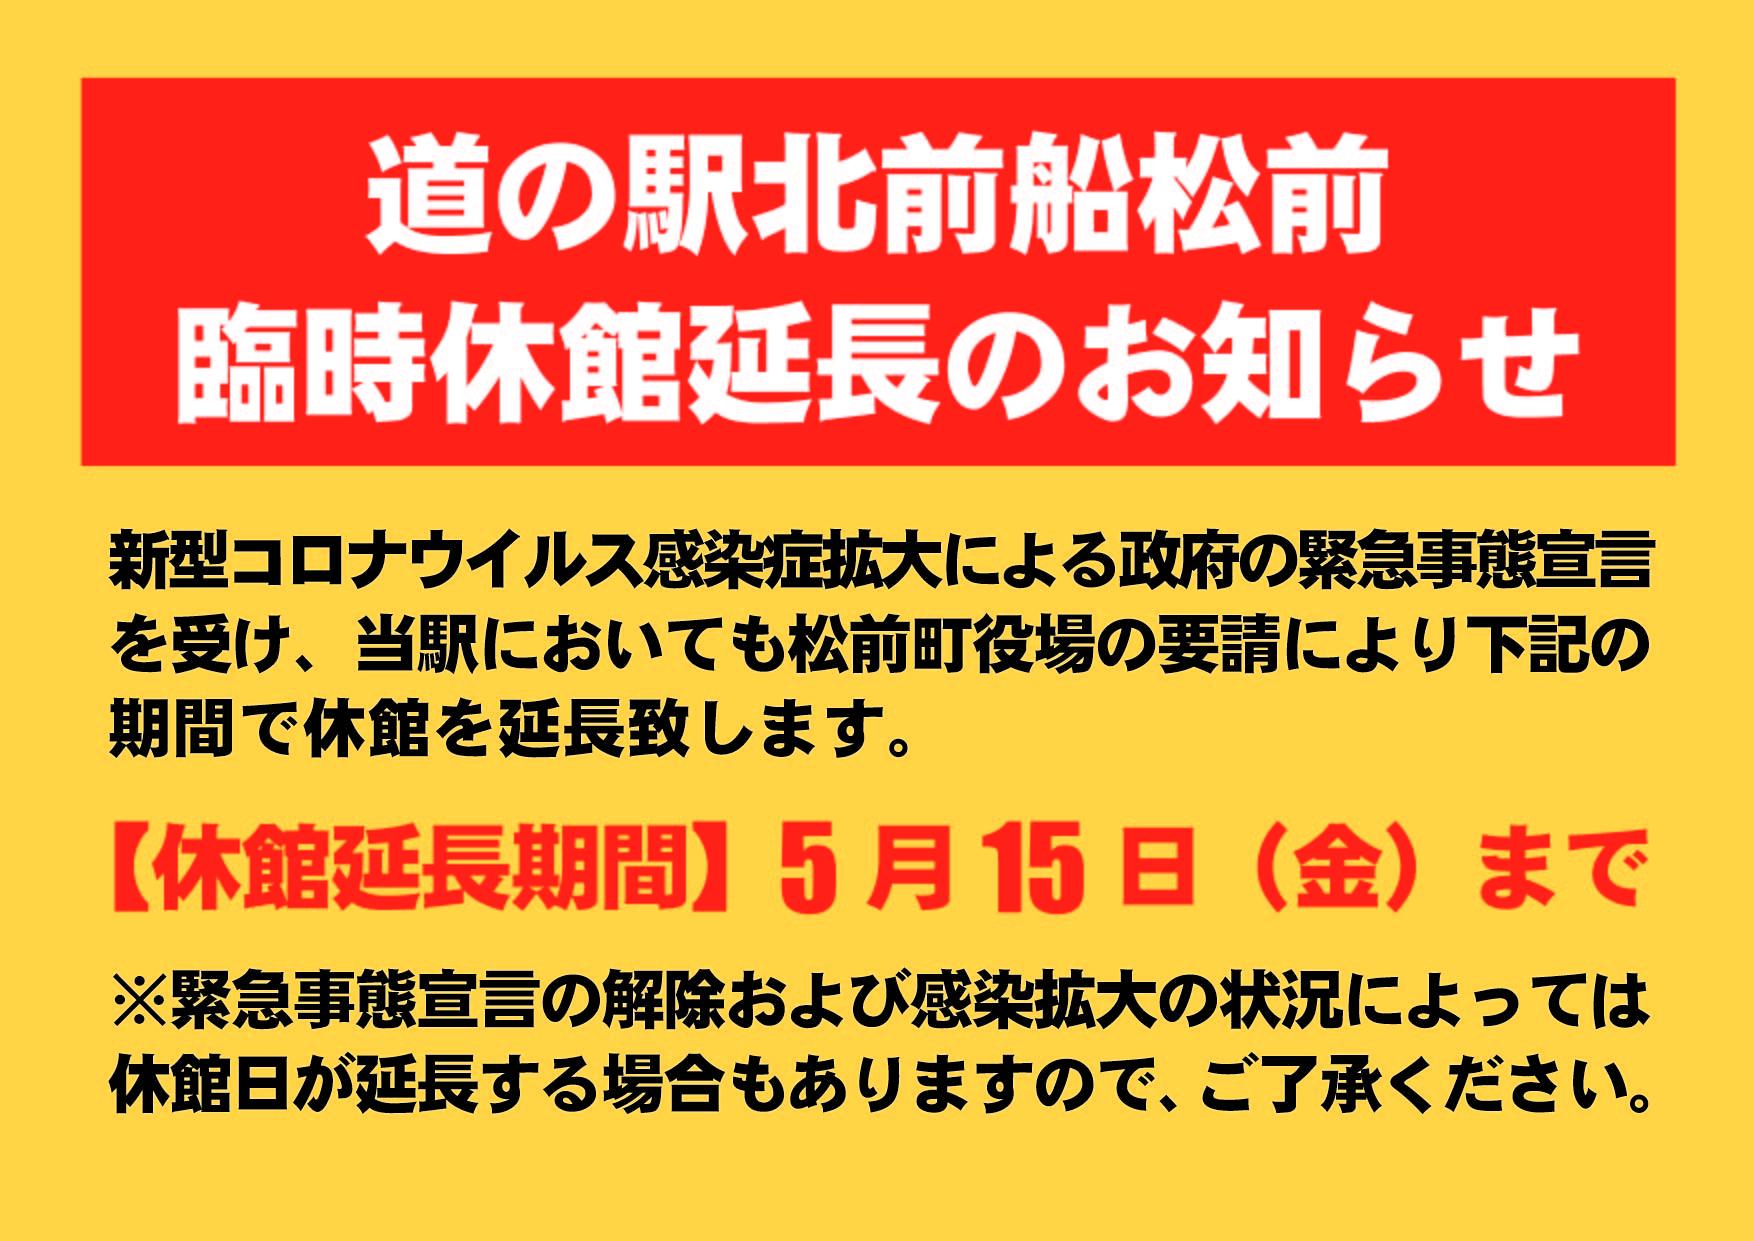 松前道の駅 臨時休館延長のお知らせ